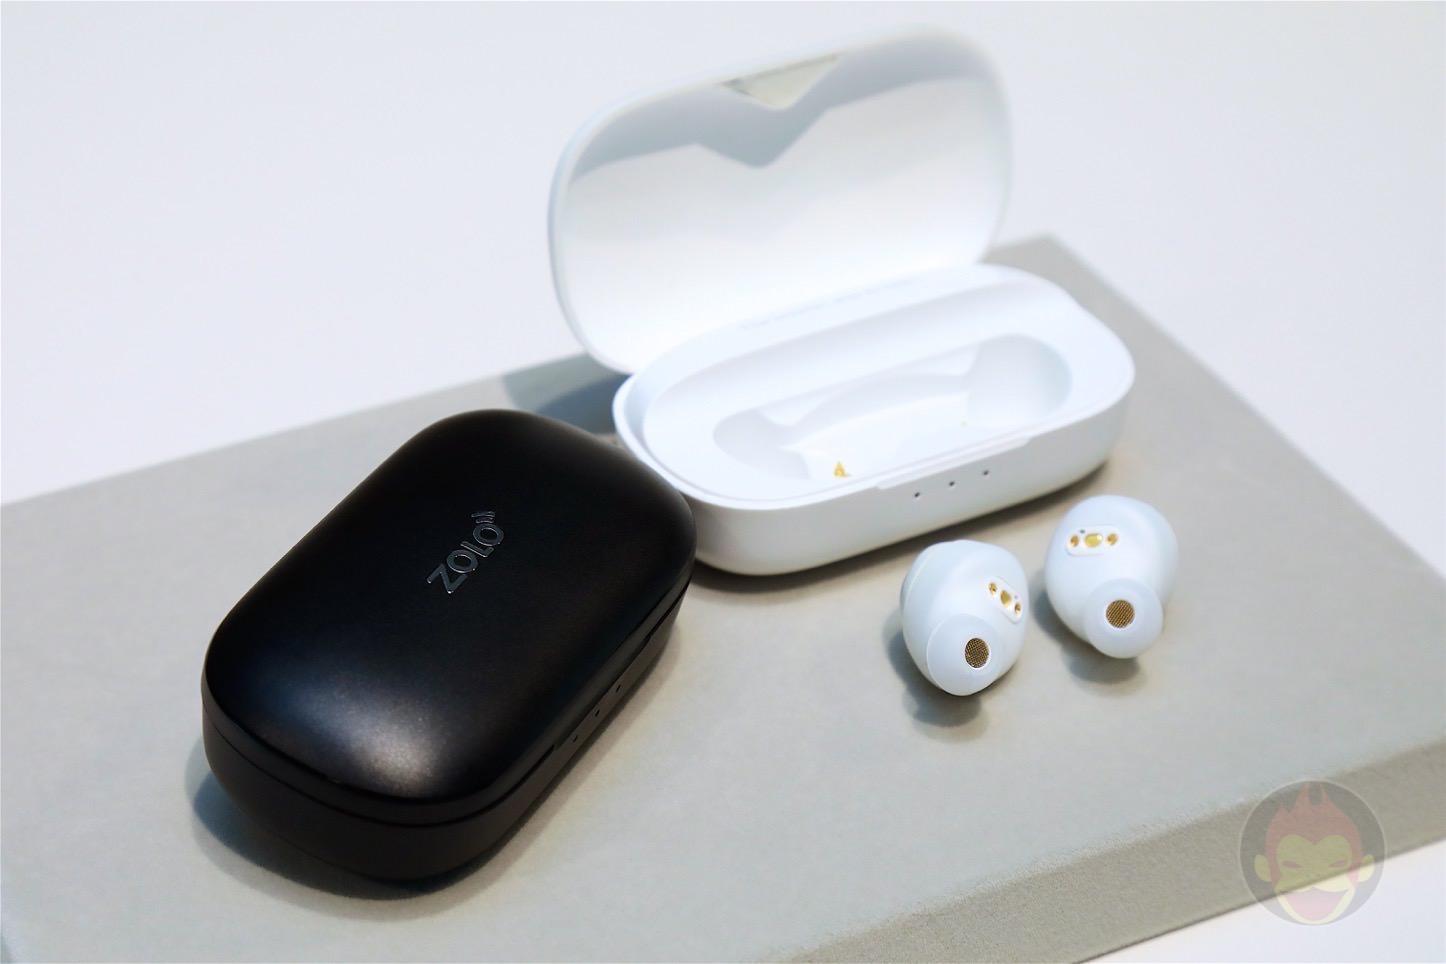 Anker-Zolo-Liverty-Plus-Wireless-Earphones-08.jpg